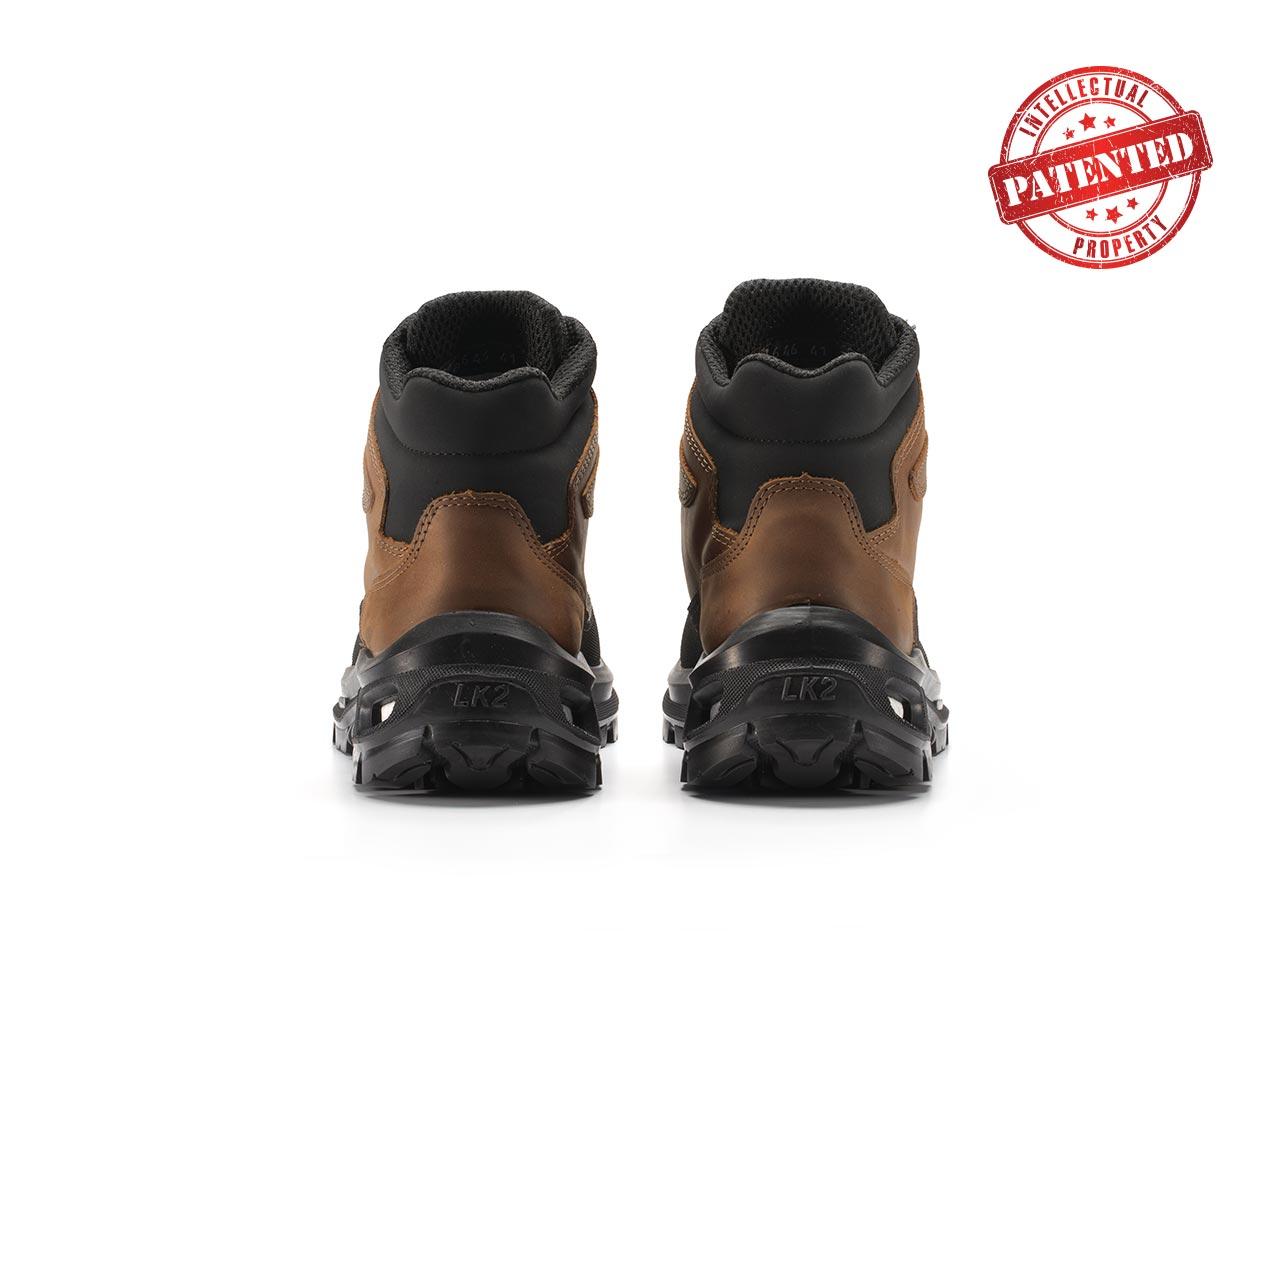 paio di scarpe antinfortunistiche upower modello floyd linea redlion vista retro